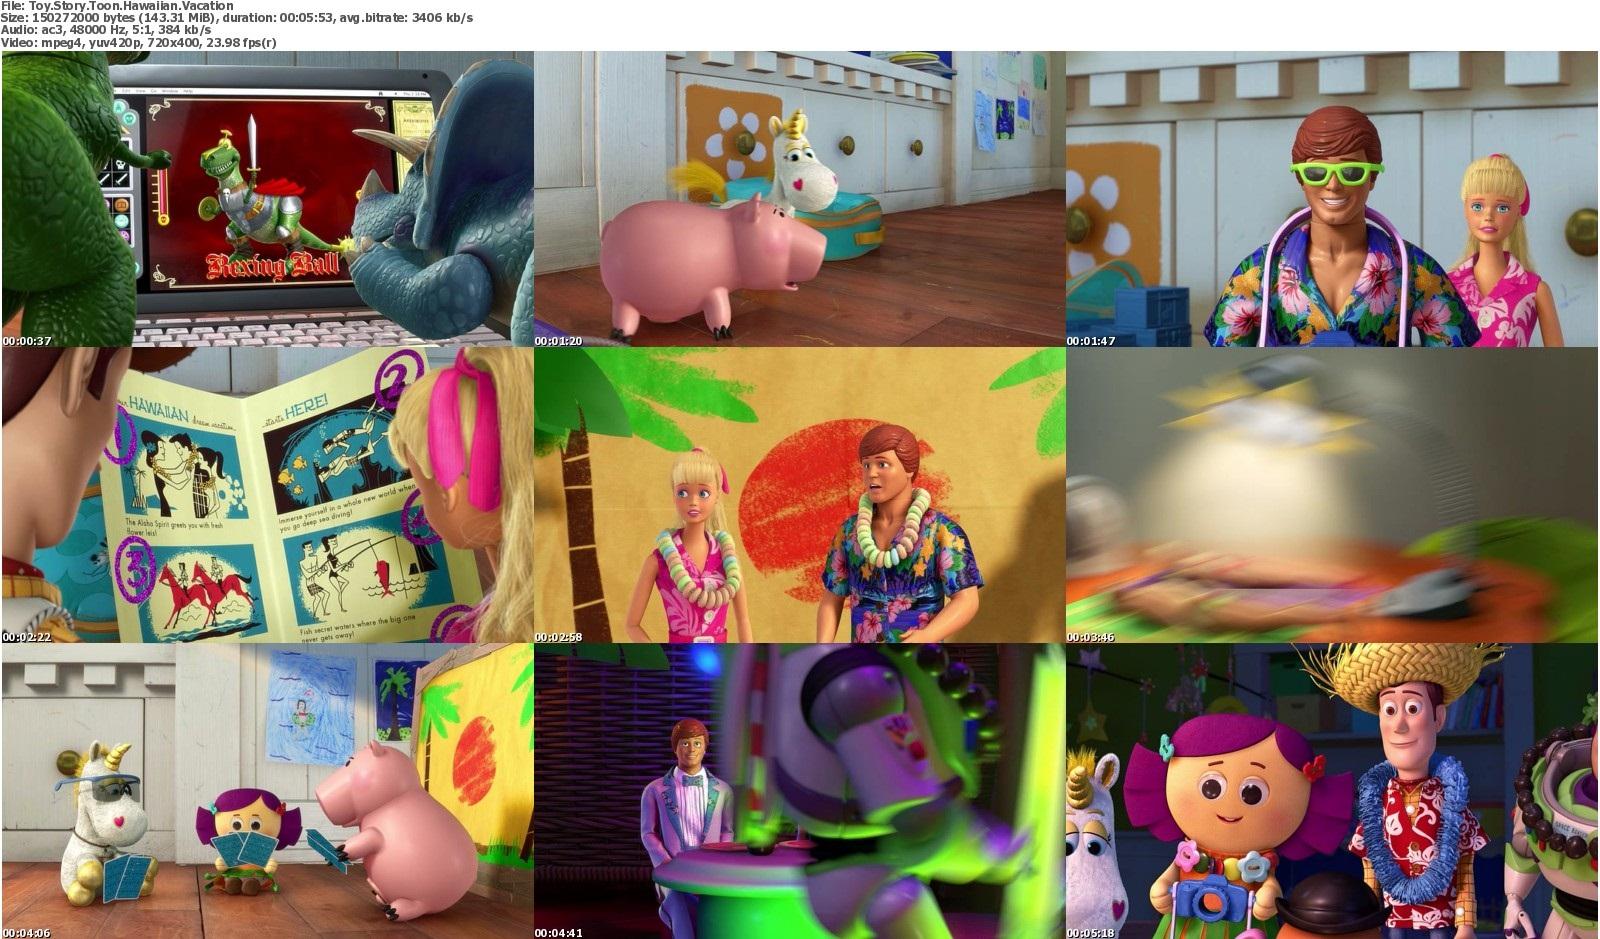 دانلود انیمیشن کوتاه Toy Story Toon Hawaiian Vacation 2011